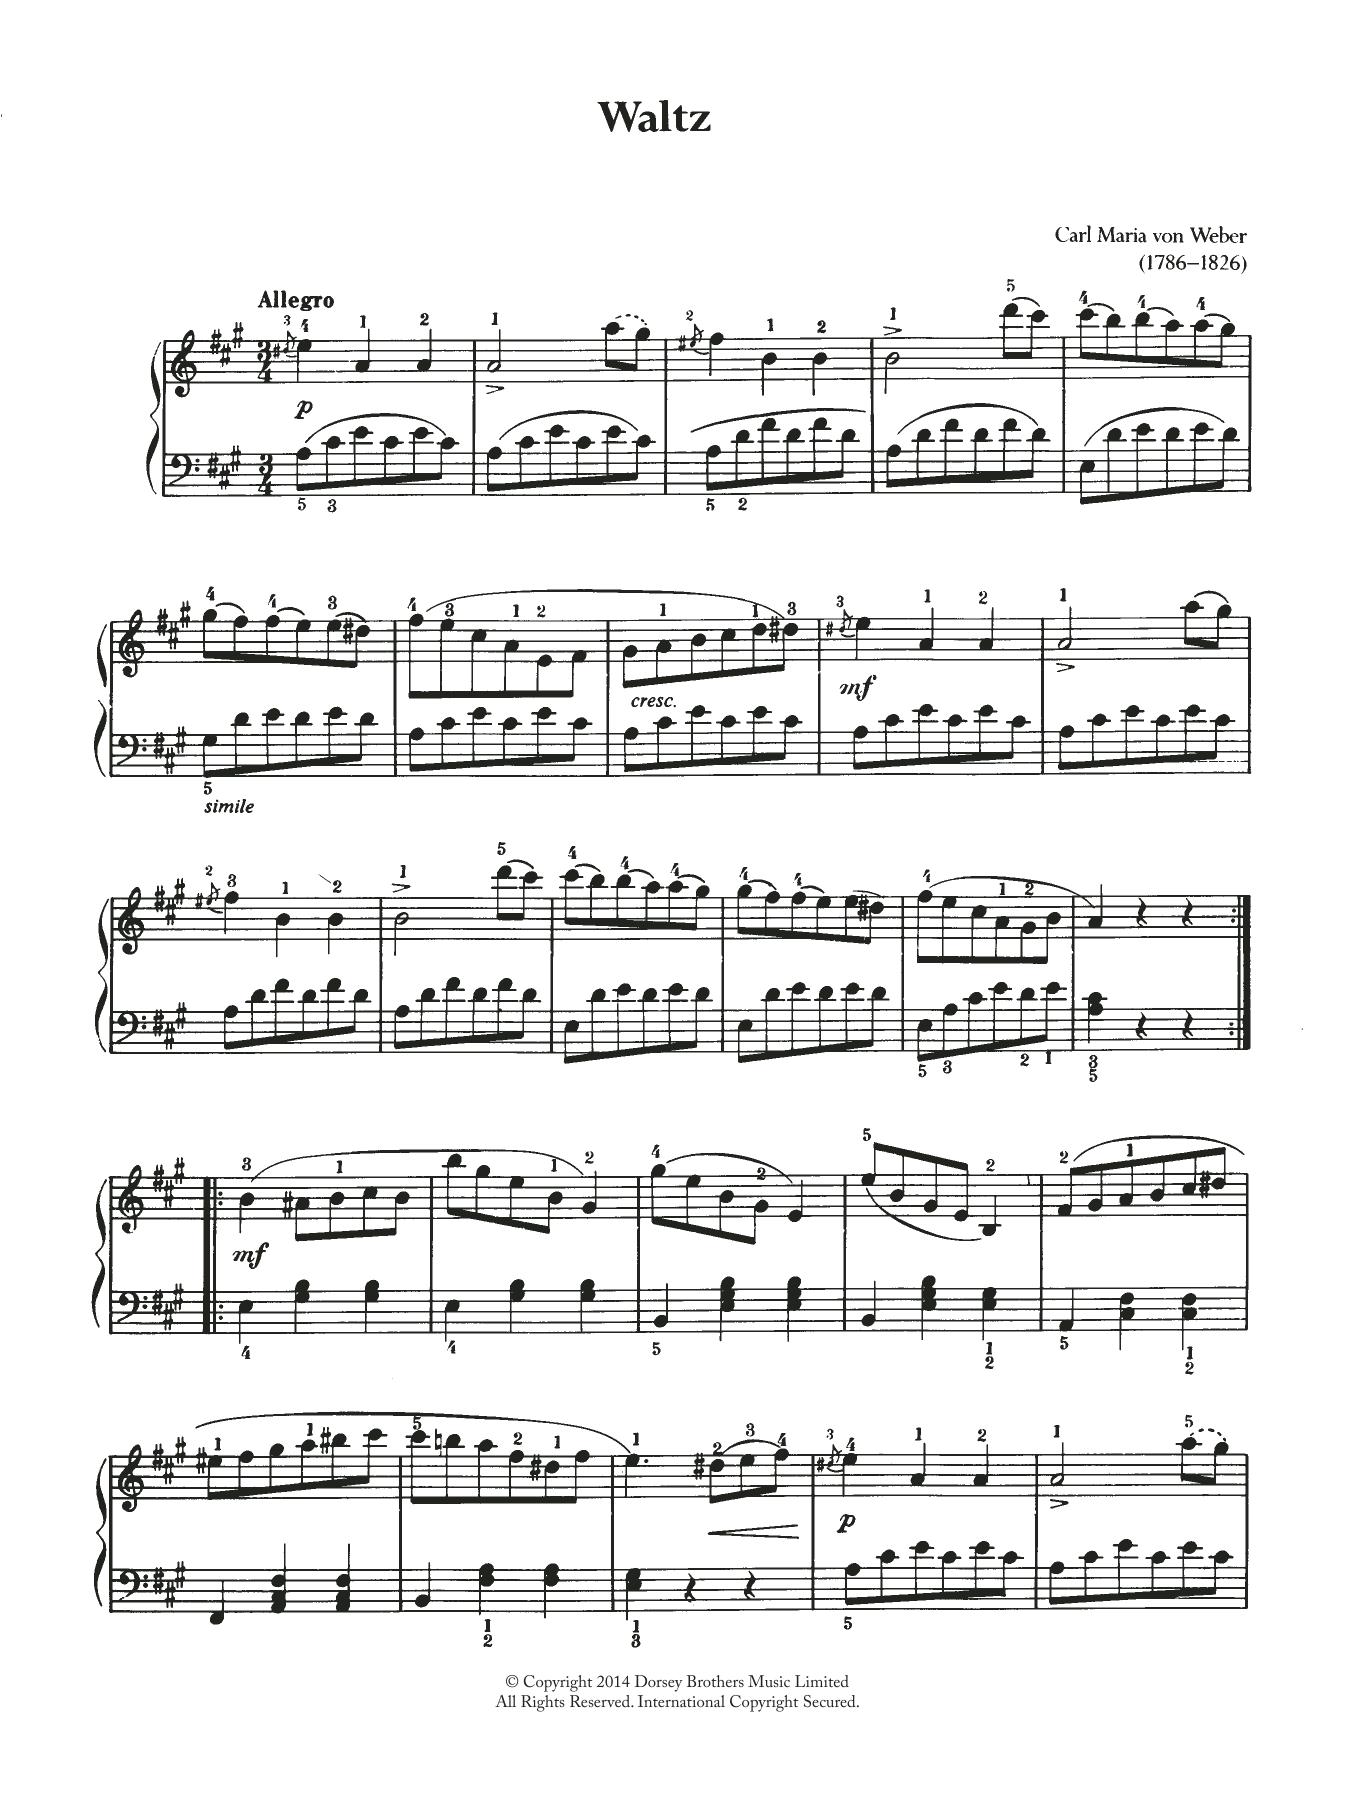 Carl Maria von Weber - Waltz